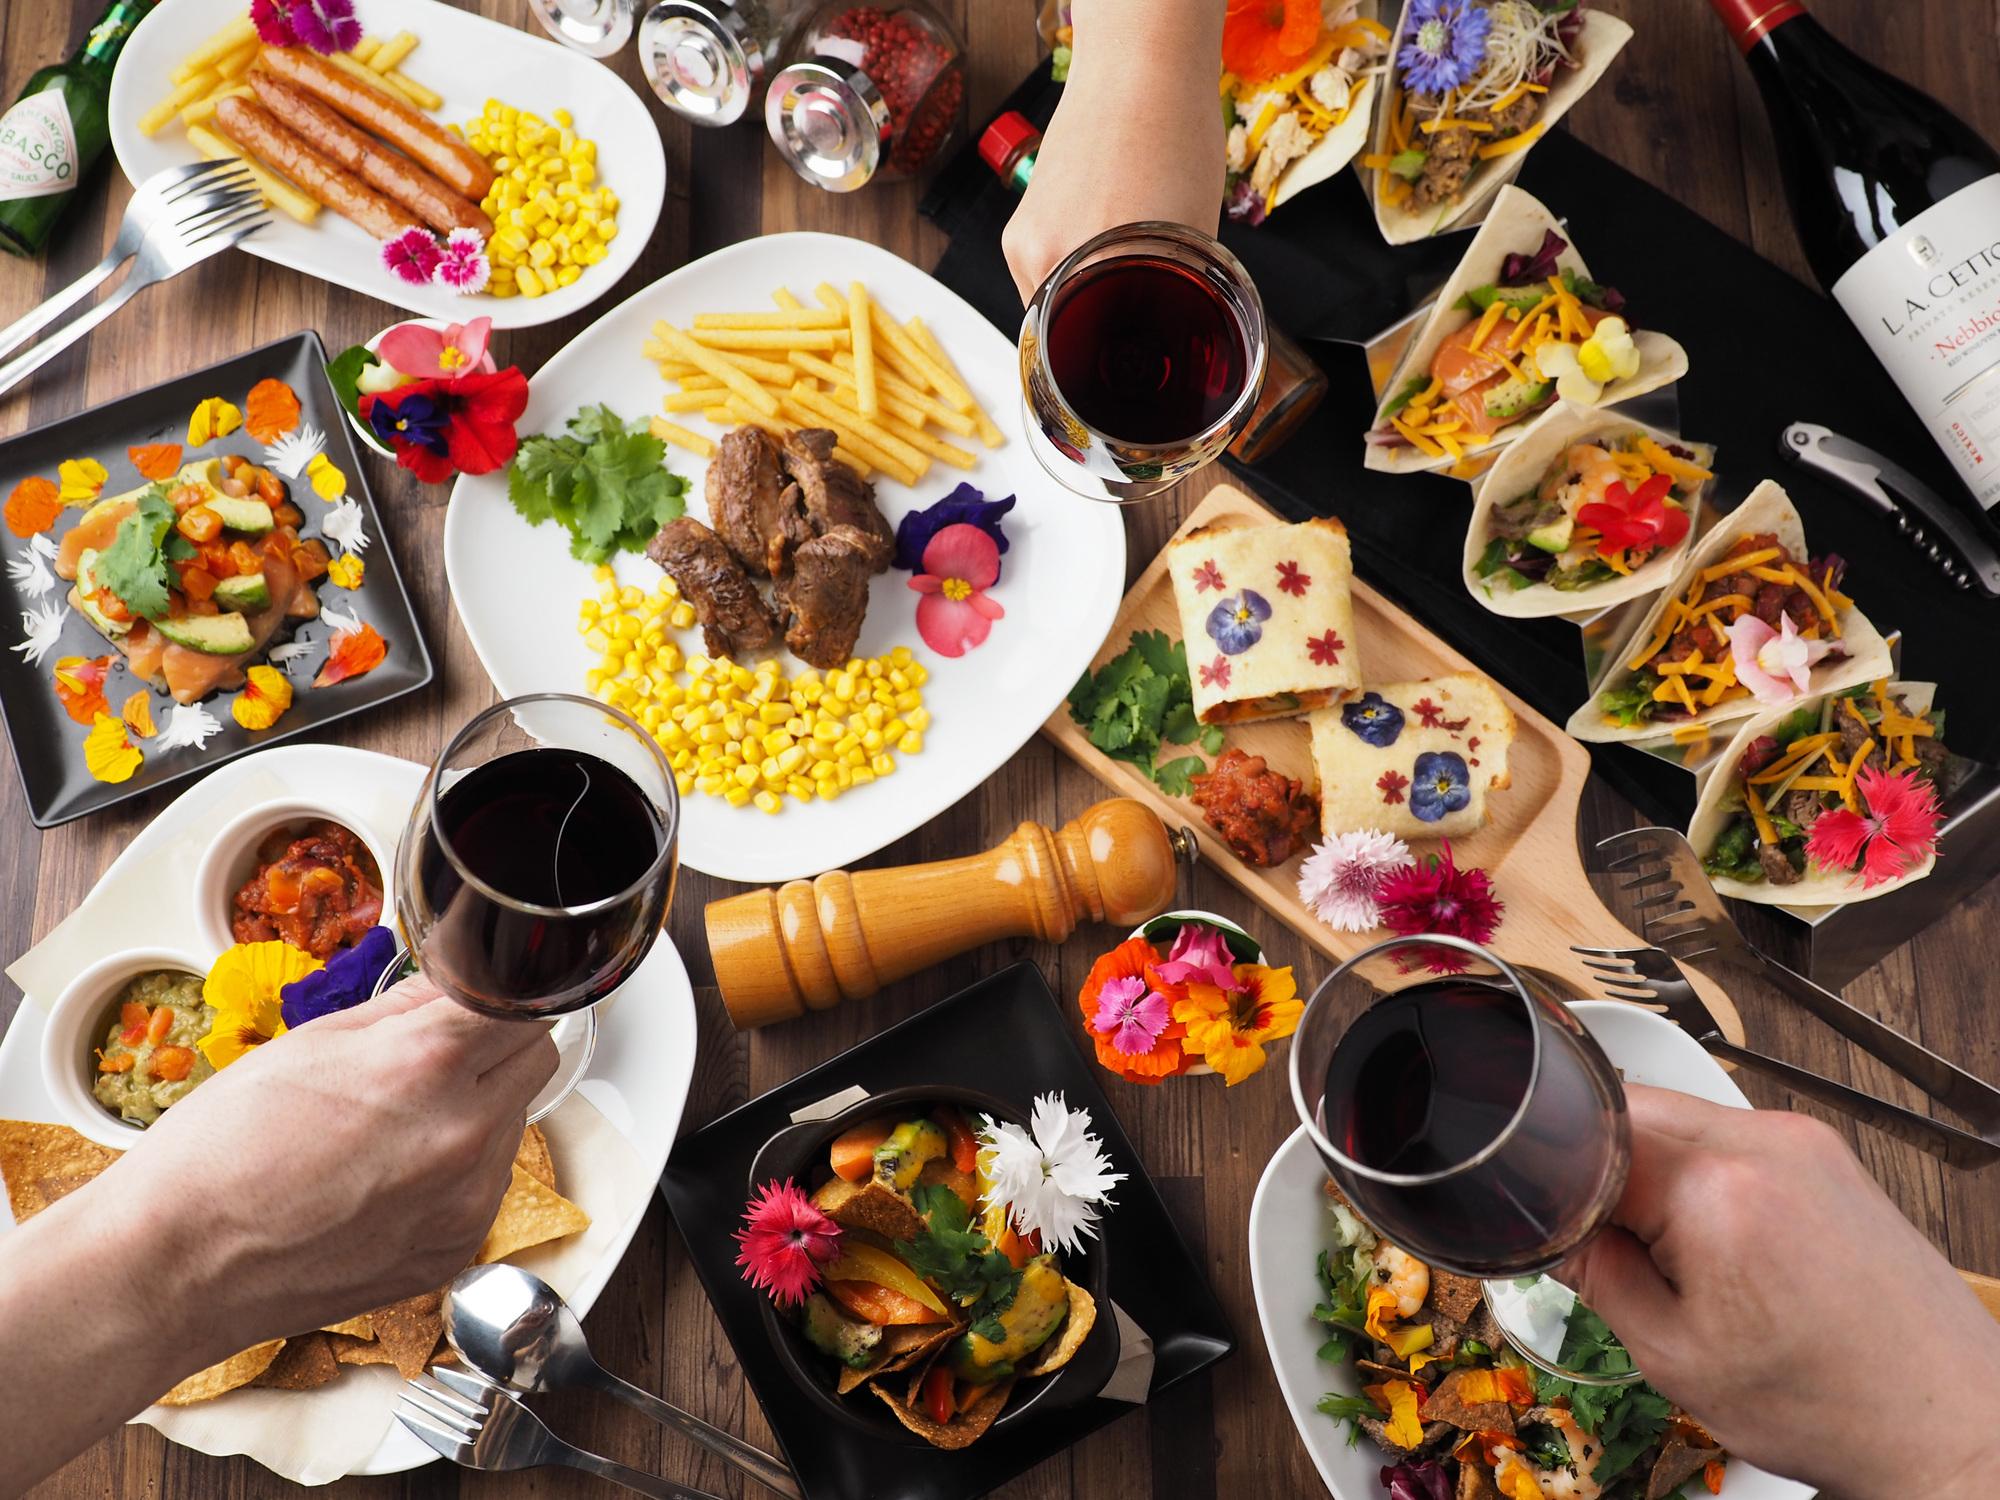 色とりどりの料理をワイン